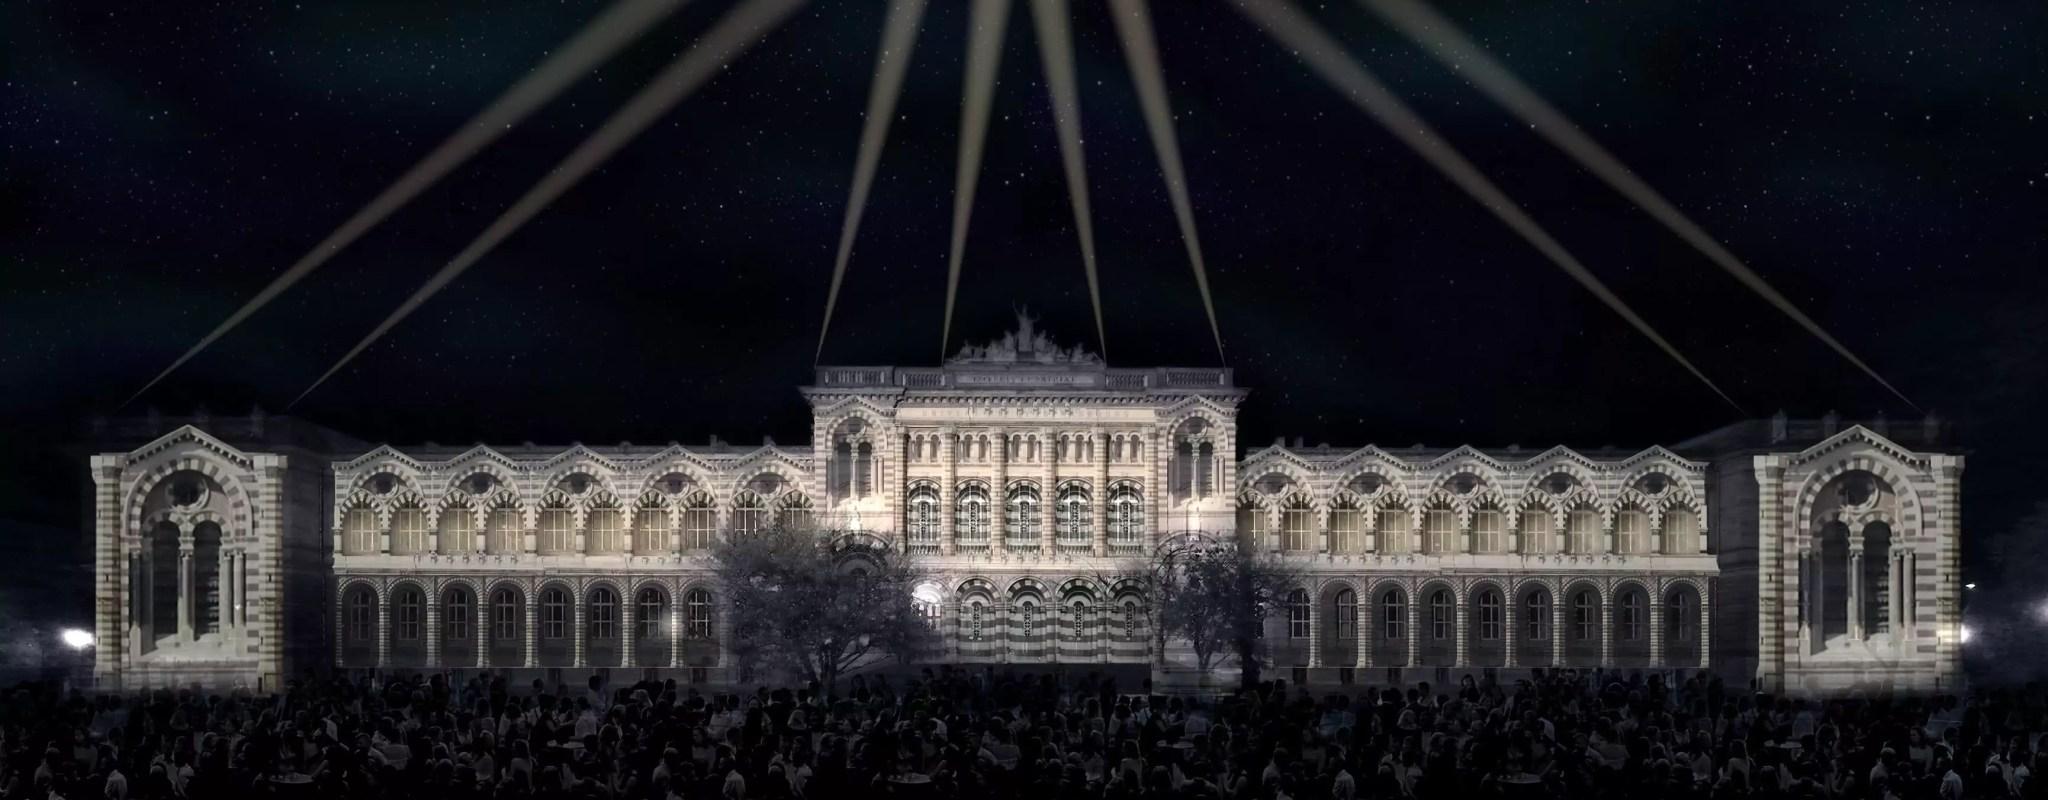 Les illuminations de la Cathédrale s'étendent au barrage Vauban et au palais U